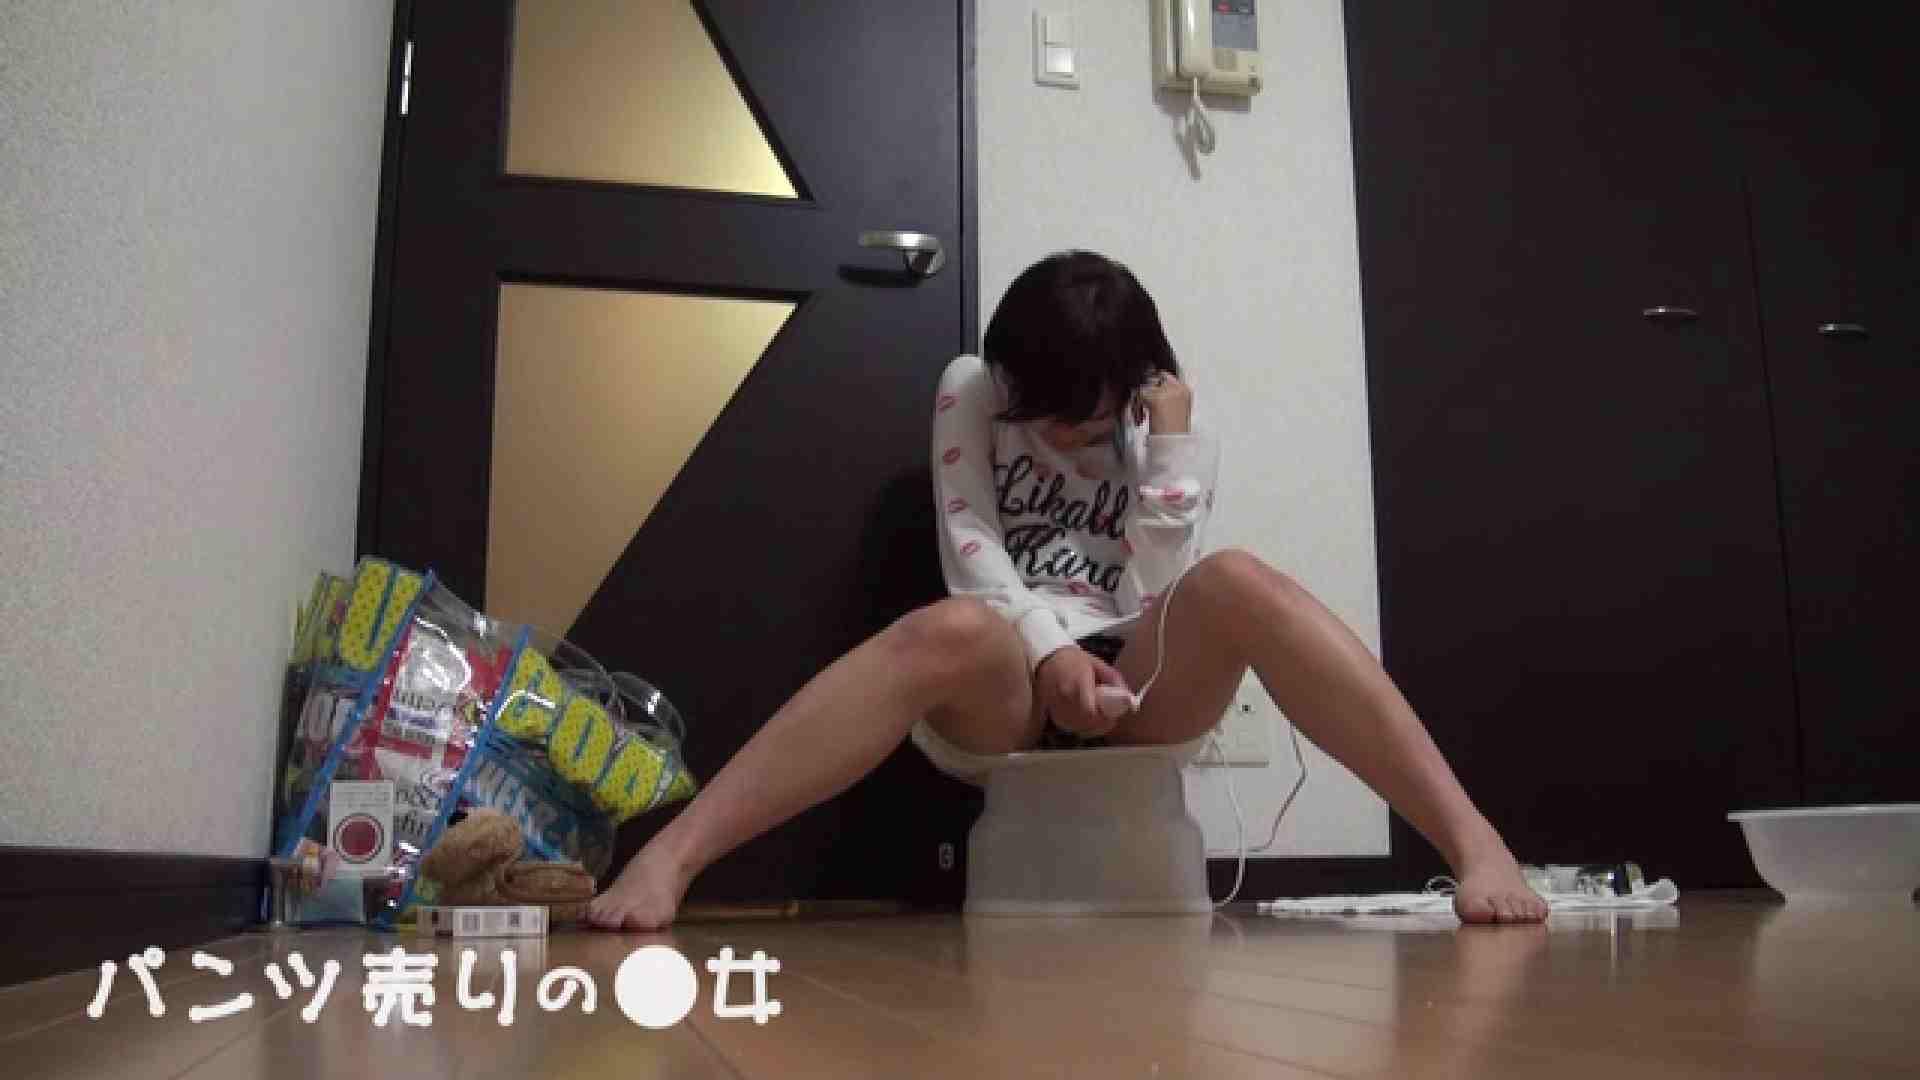 新説 パンツ売りの女の子nana パンツ   0  103連発 69